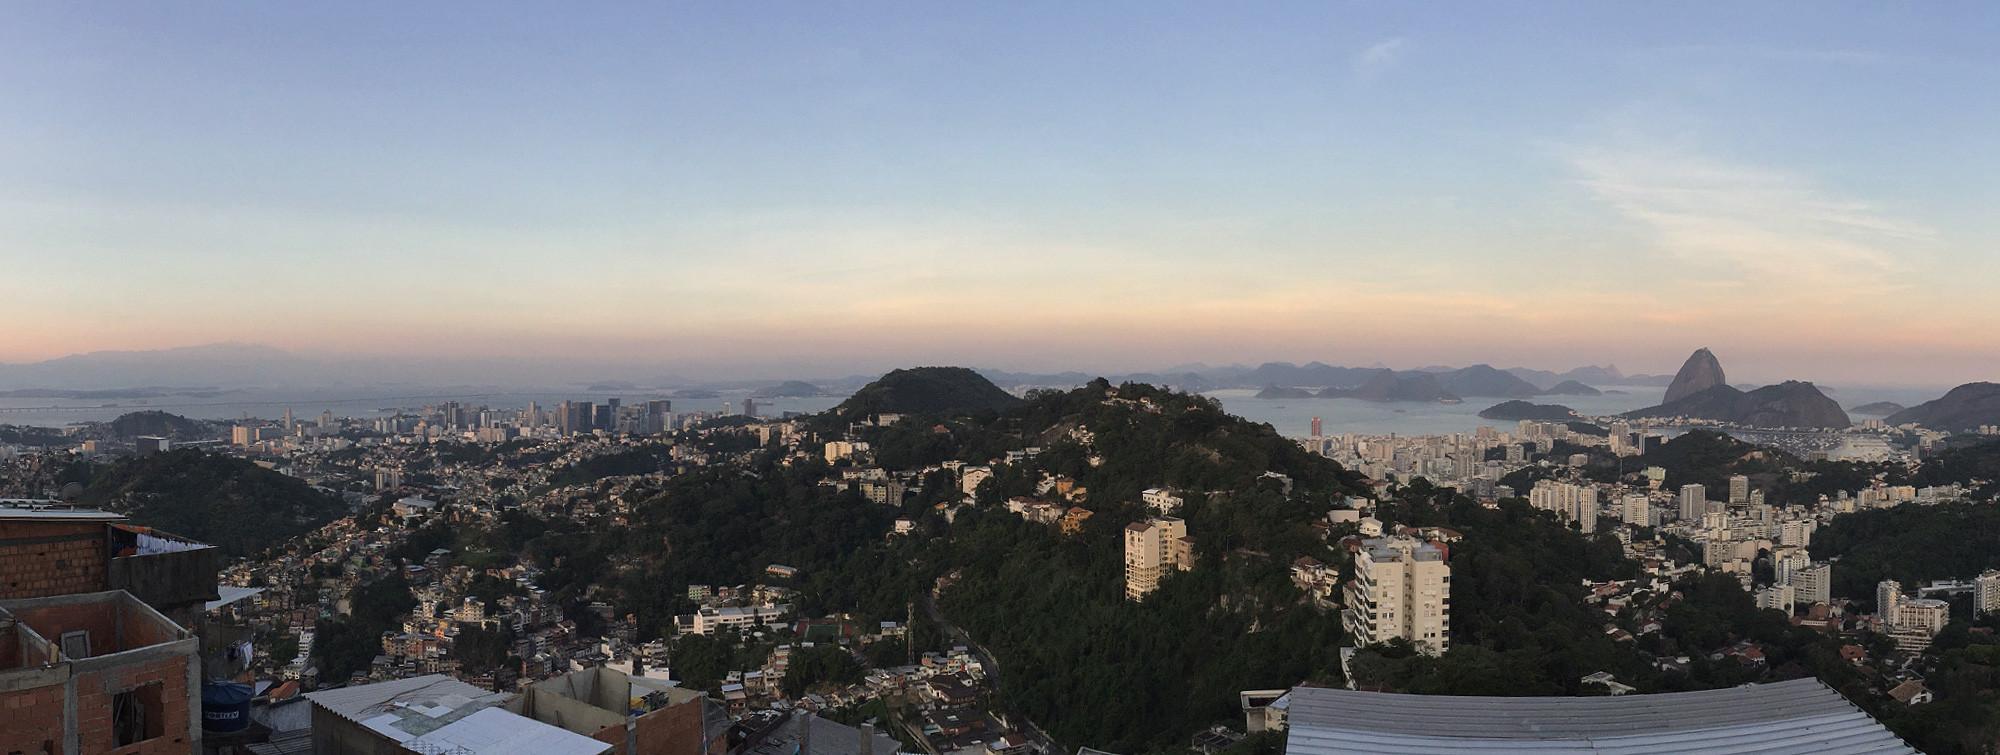 Rio Academy e a construção de uma cultura arquitetônica e urbanística, Cortesia de Fórum Rio Academy